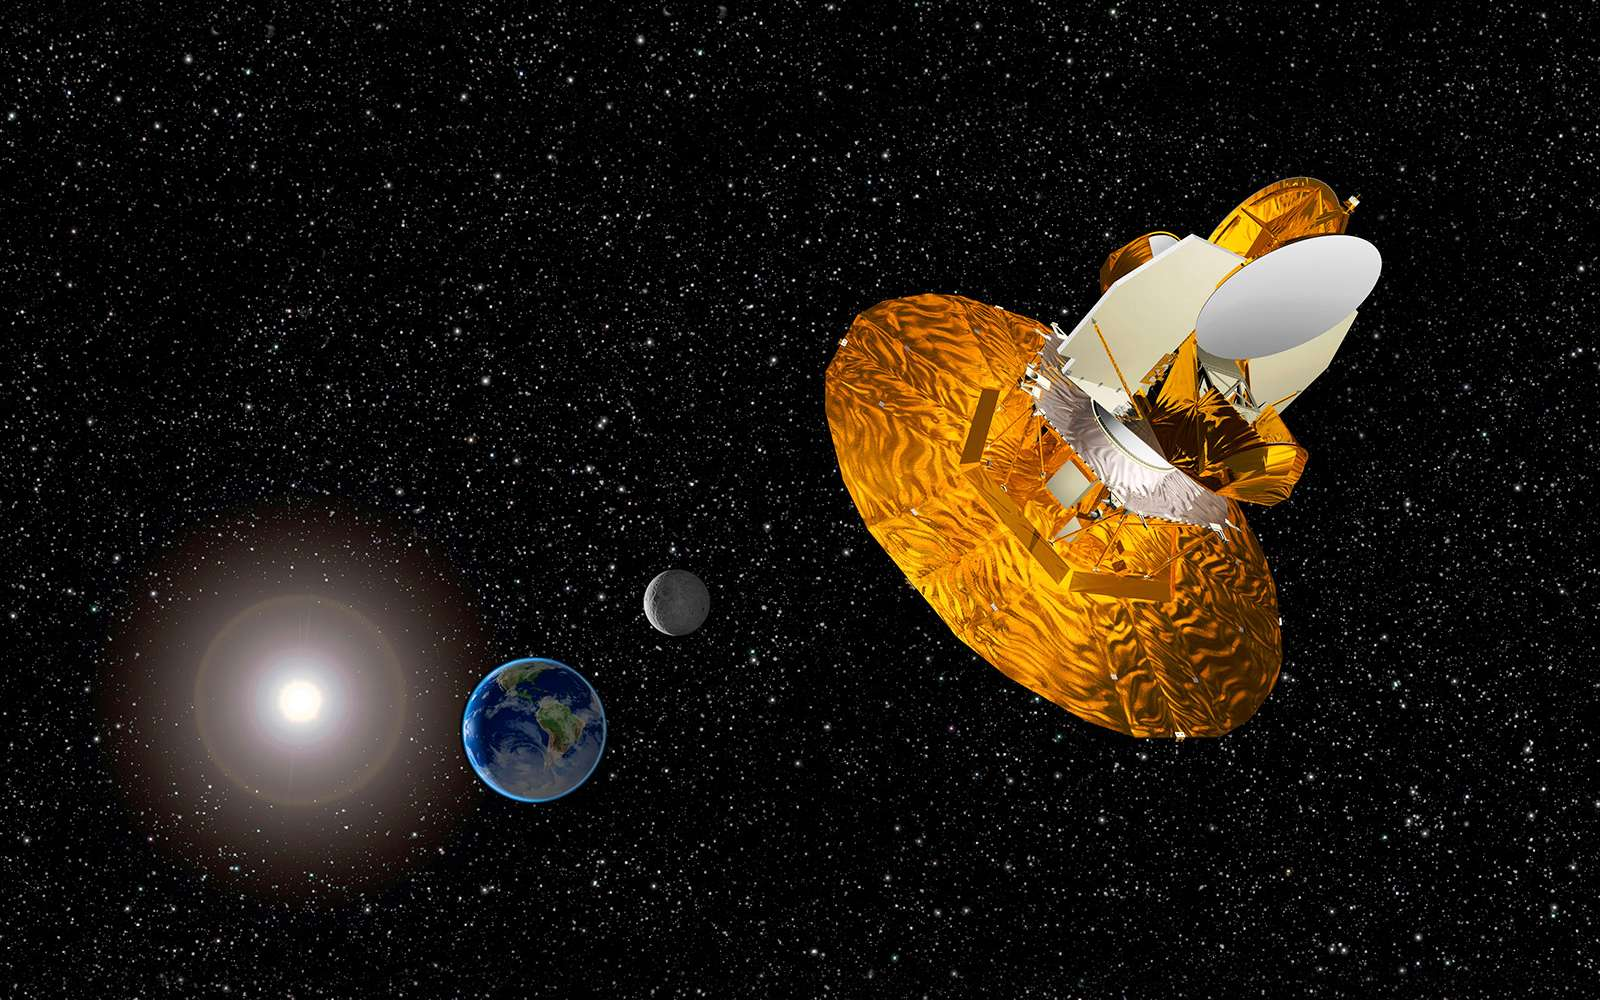 Une vue d'artiste de la sonde WMap. Elle a effectué ses observations à partir du point de Lagrange L2 du système Terre-Soleil. © Nasa, WMap Science Team